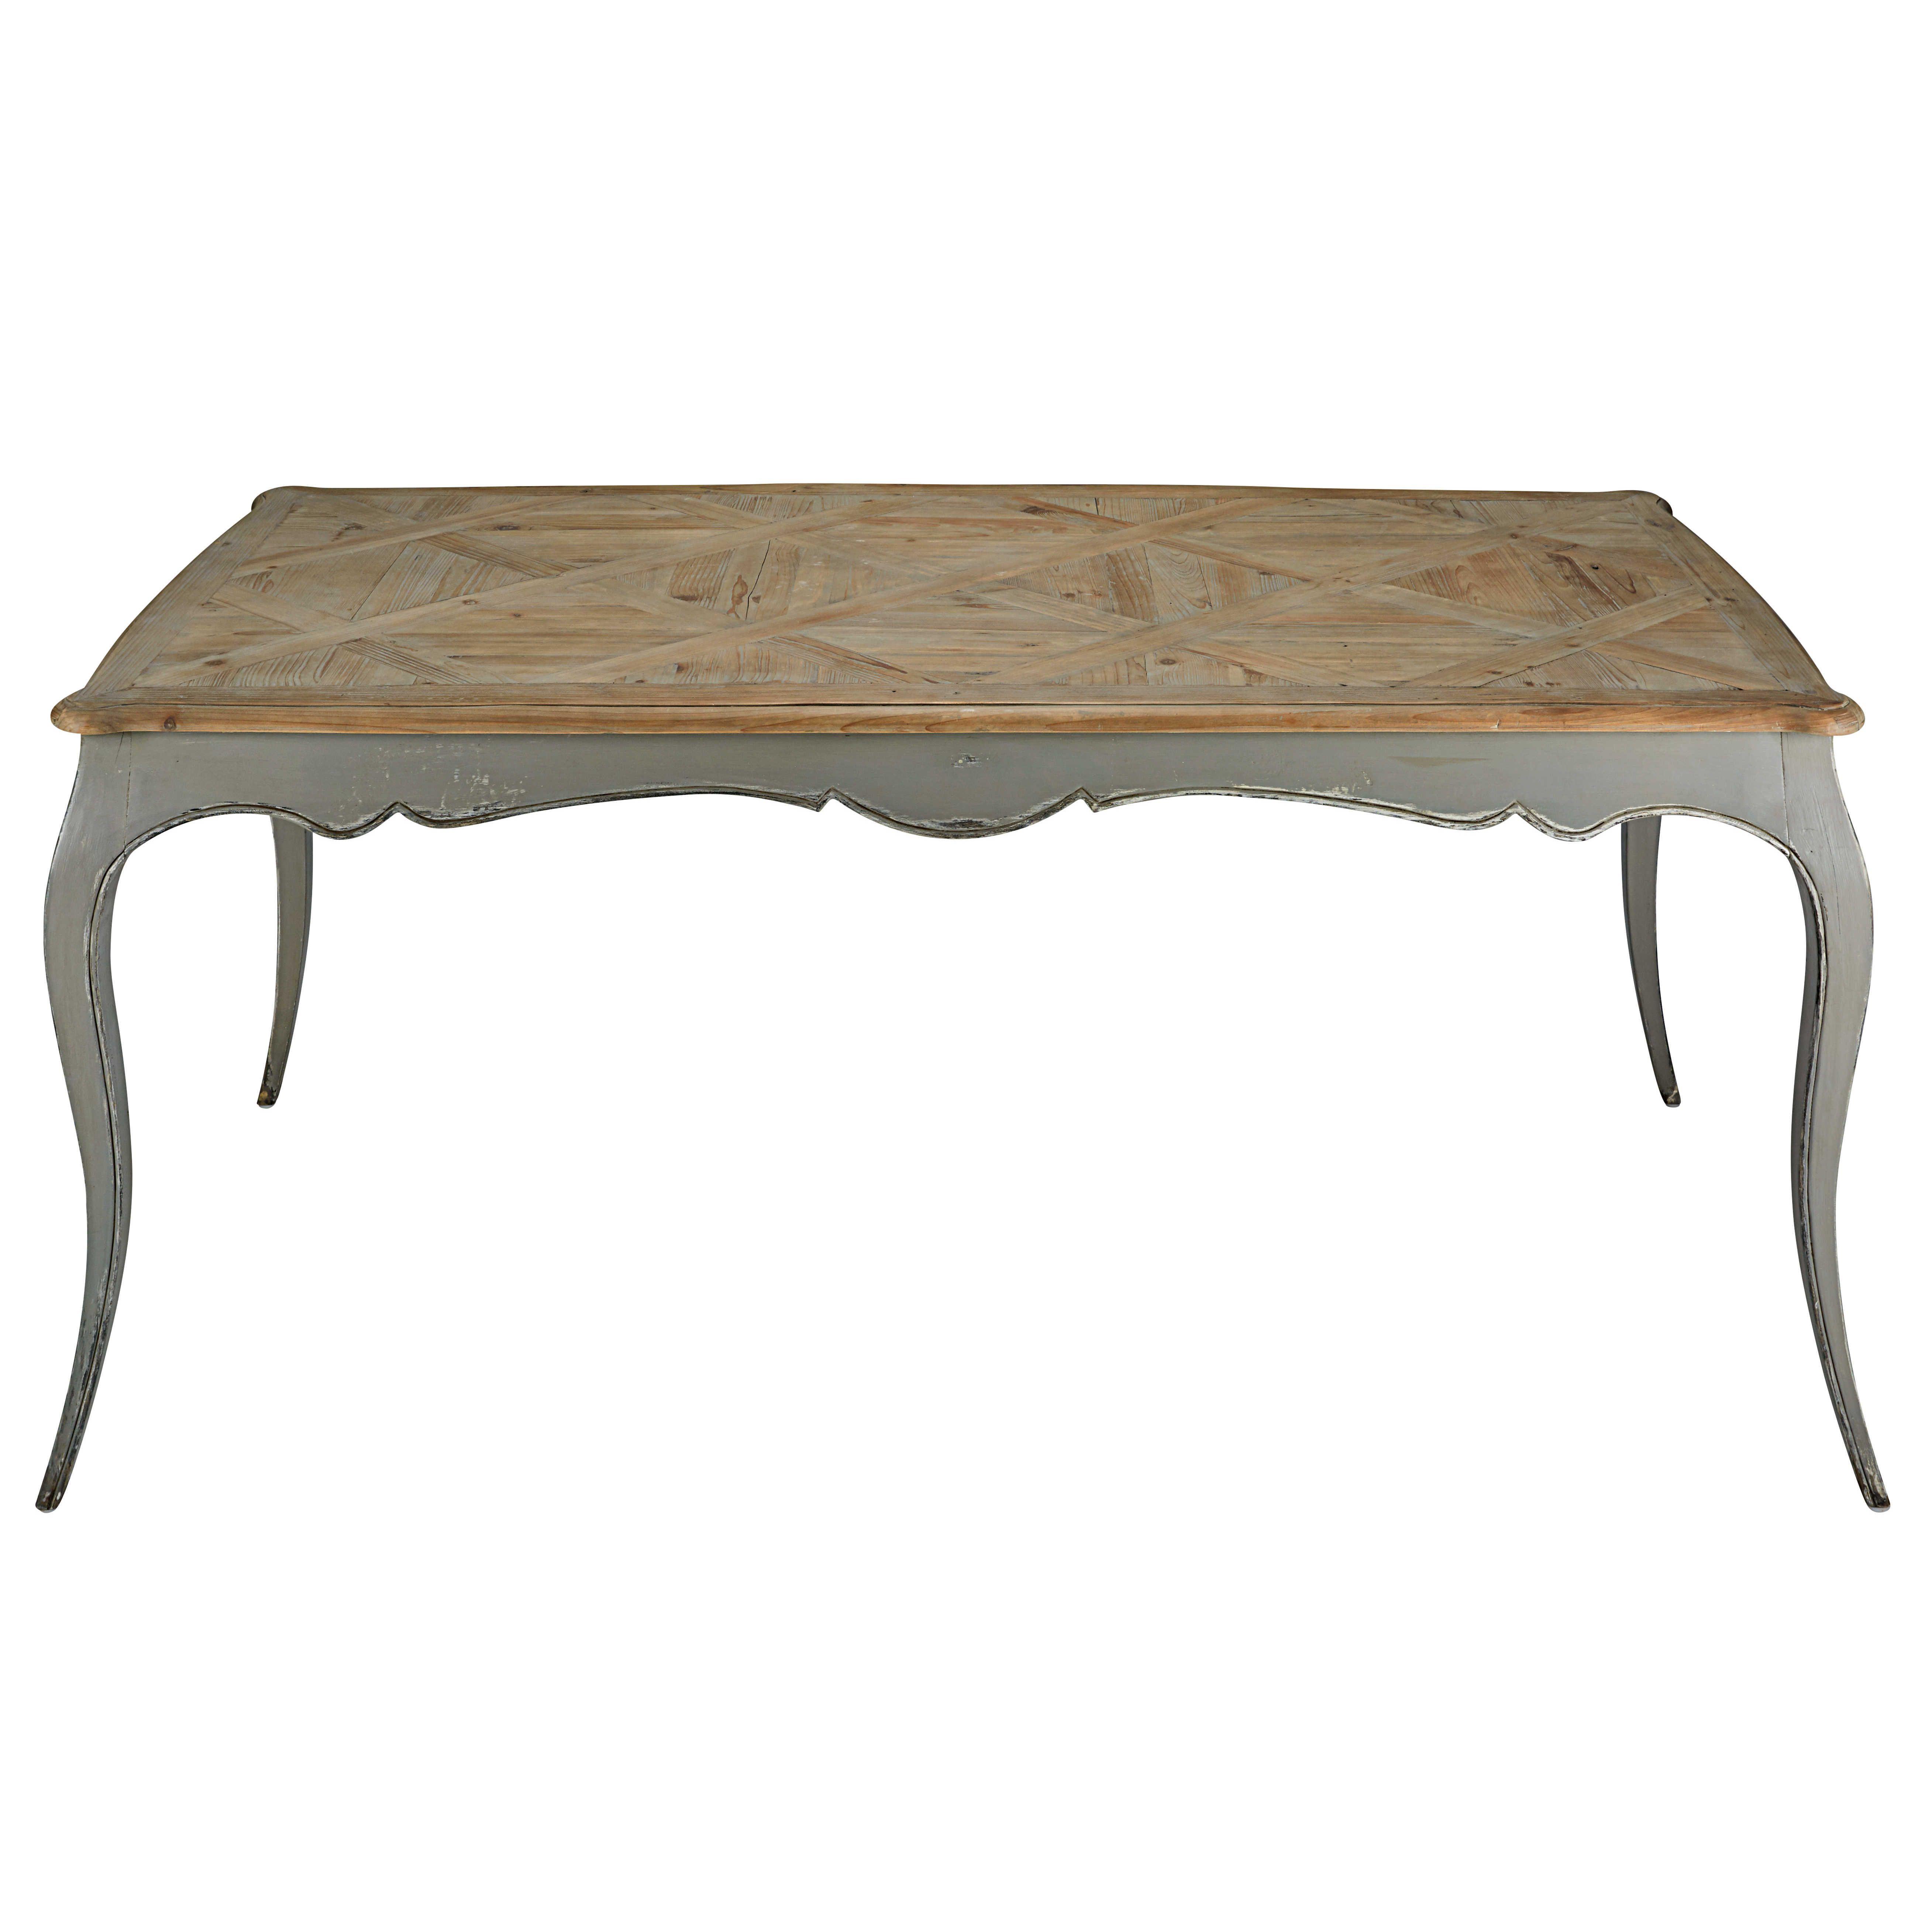 Esstisch Le esstisch aus grauem pappelholz und recyceltem tannenholz l 185 cm